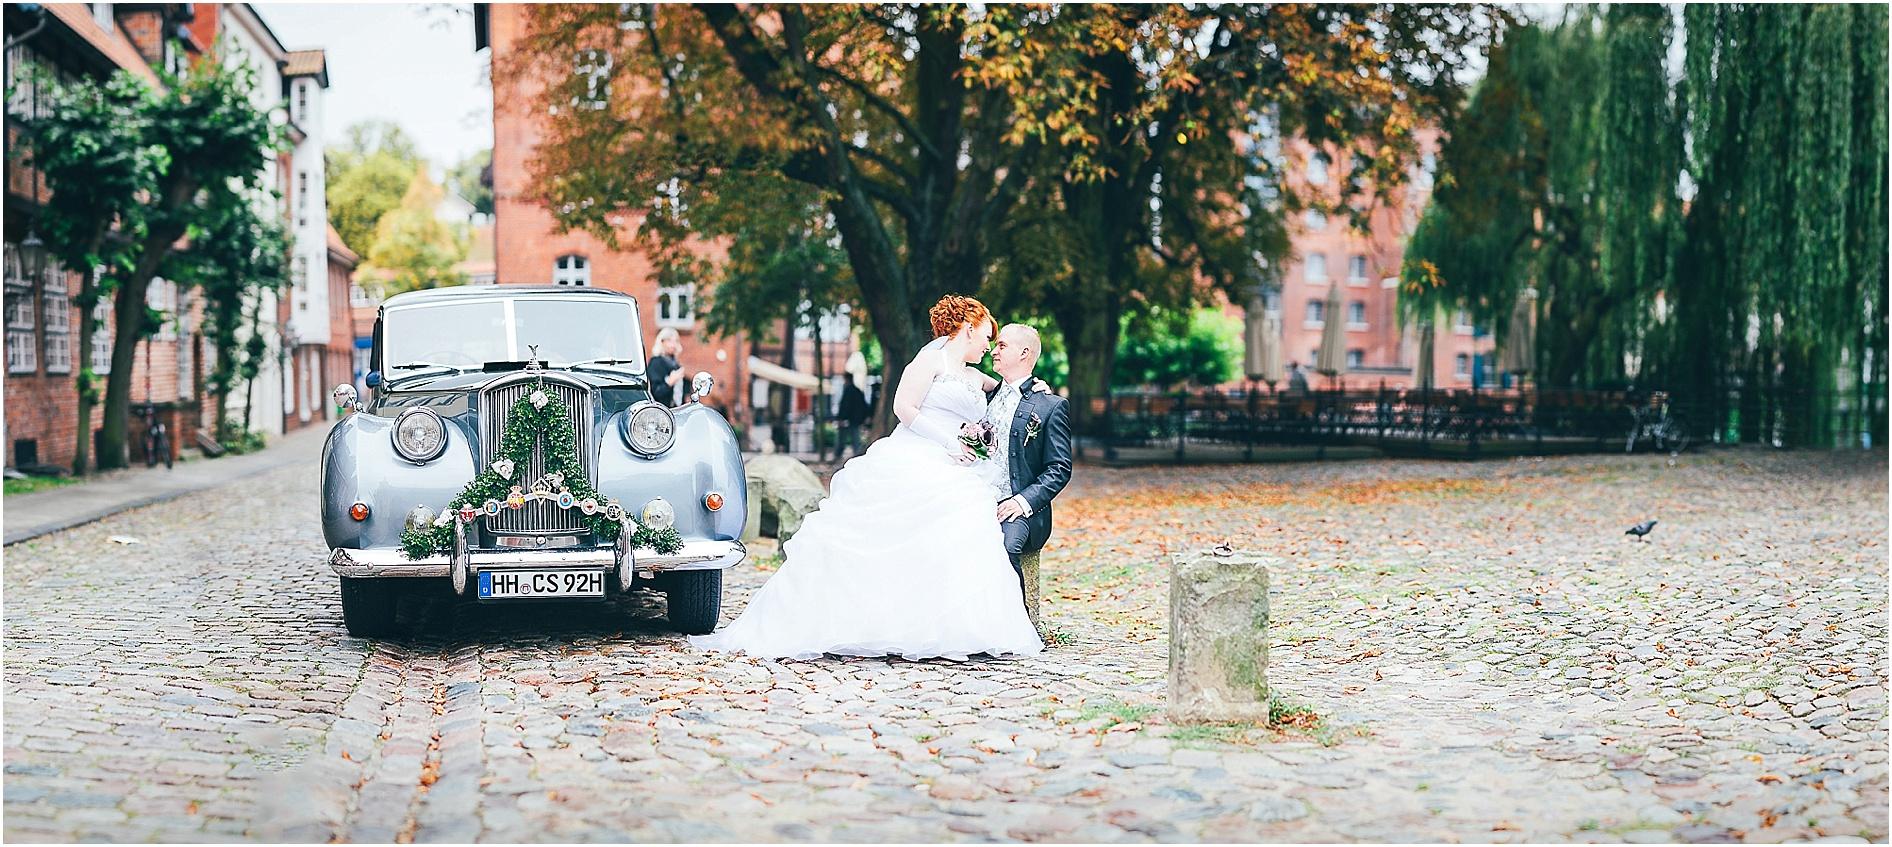 2014-11-20_0057 Lora & Daniel - Als Hochzeitsfotograf in Lüneburg